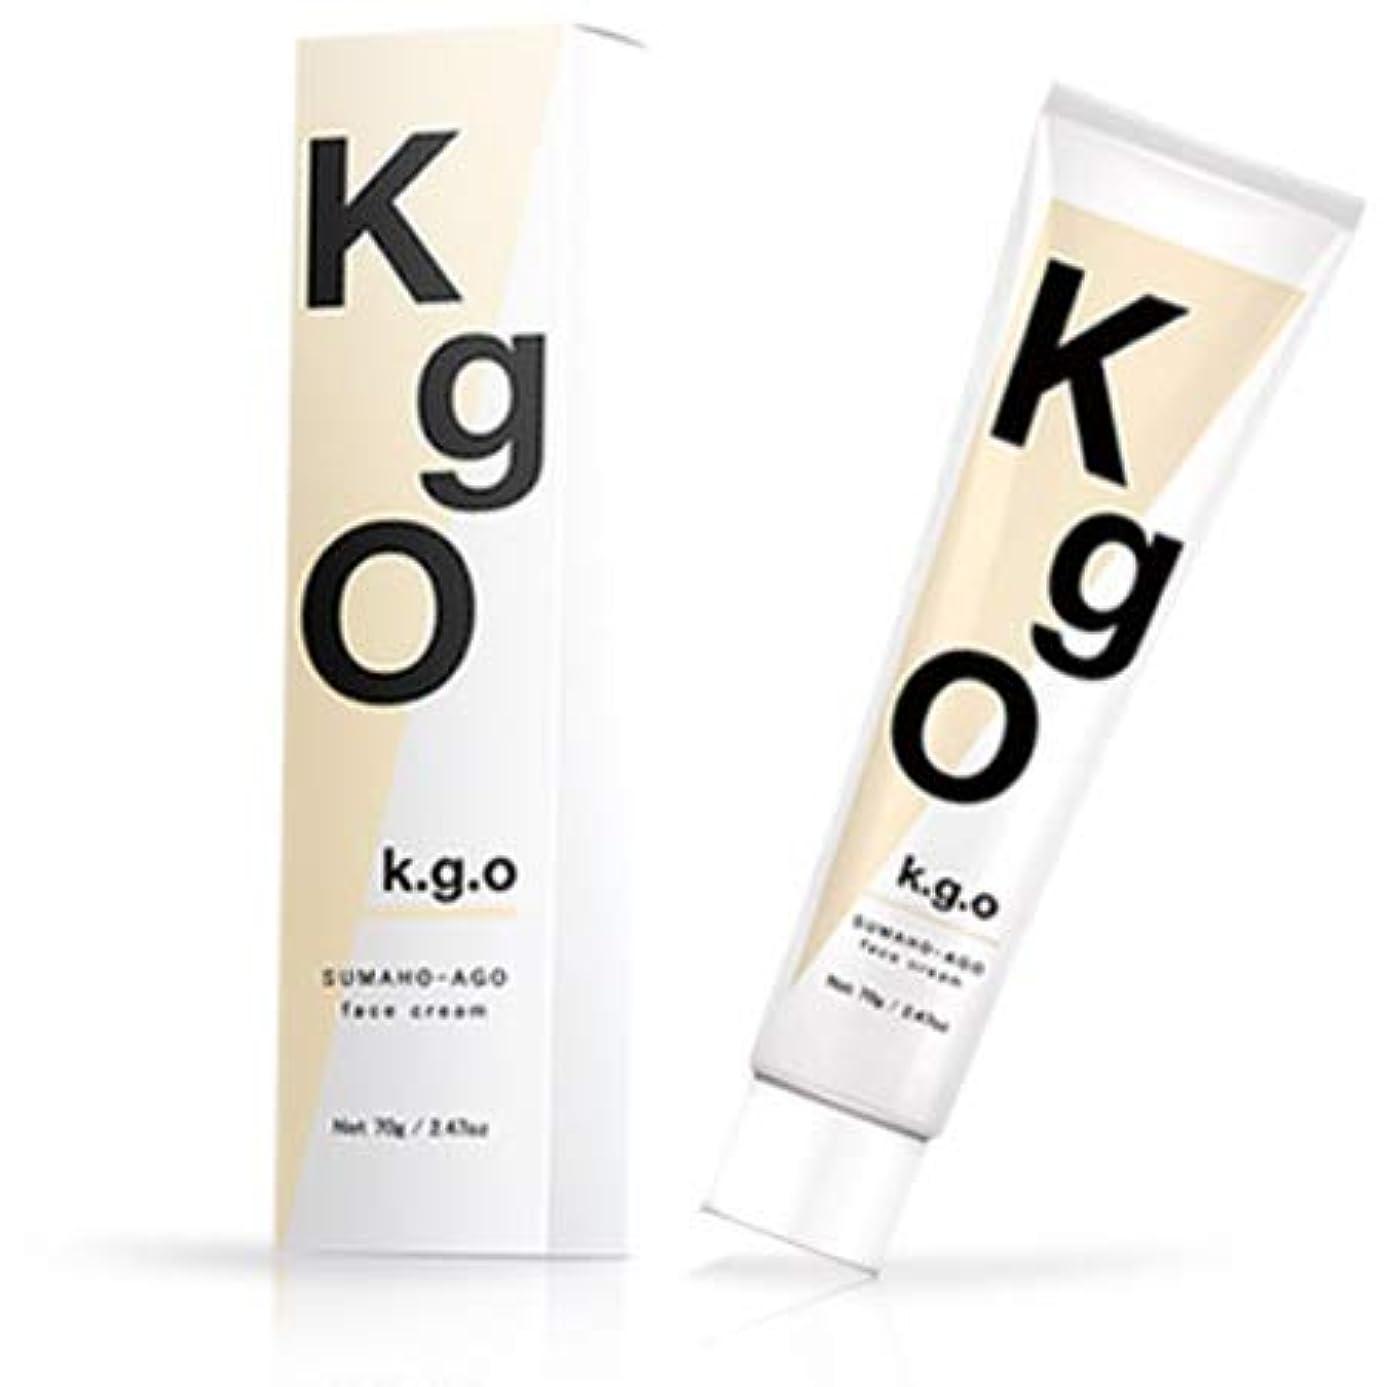 キャラクター吹きさらし統治可能K.g.O SUMAHO-AGO face cream ケージーオー スマホあご フェイスクリーム 70g (単品)